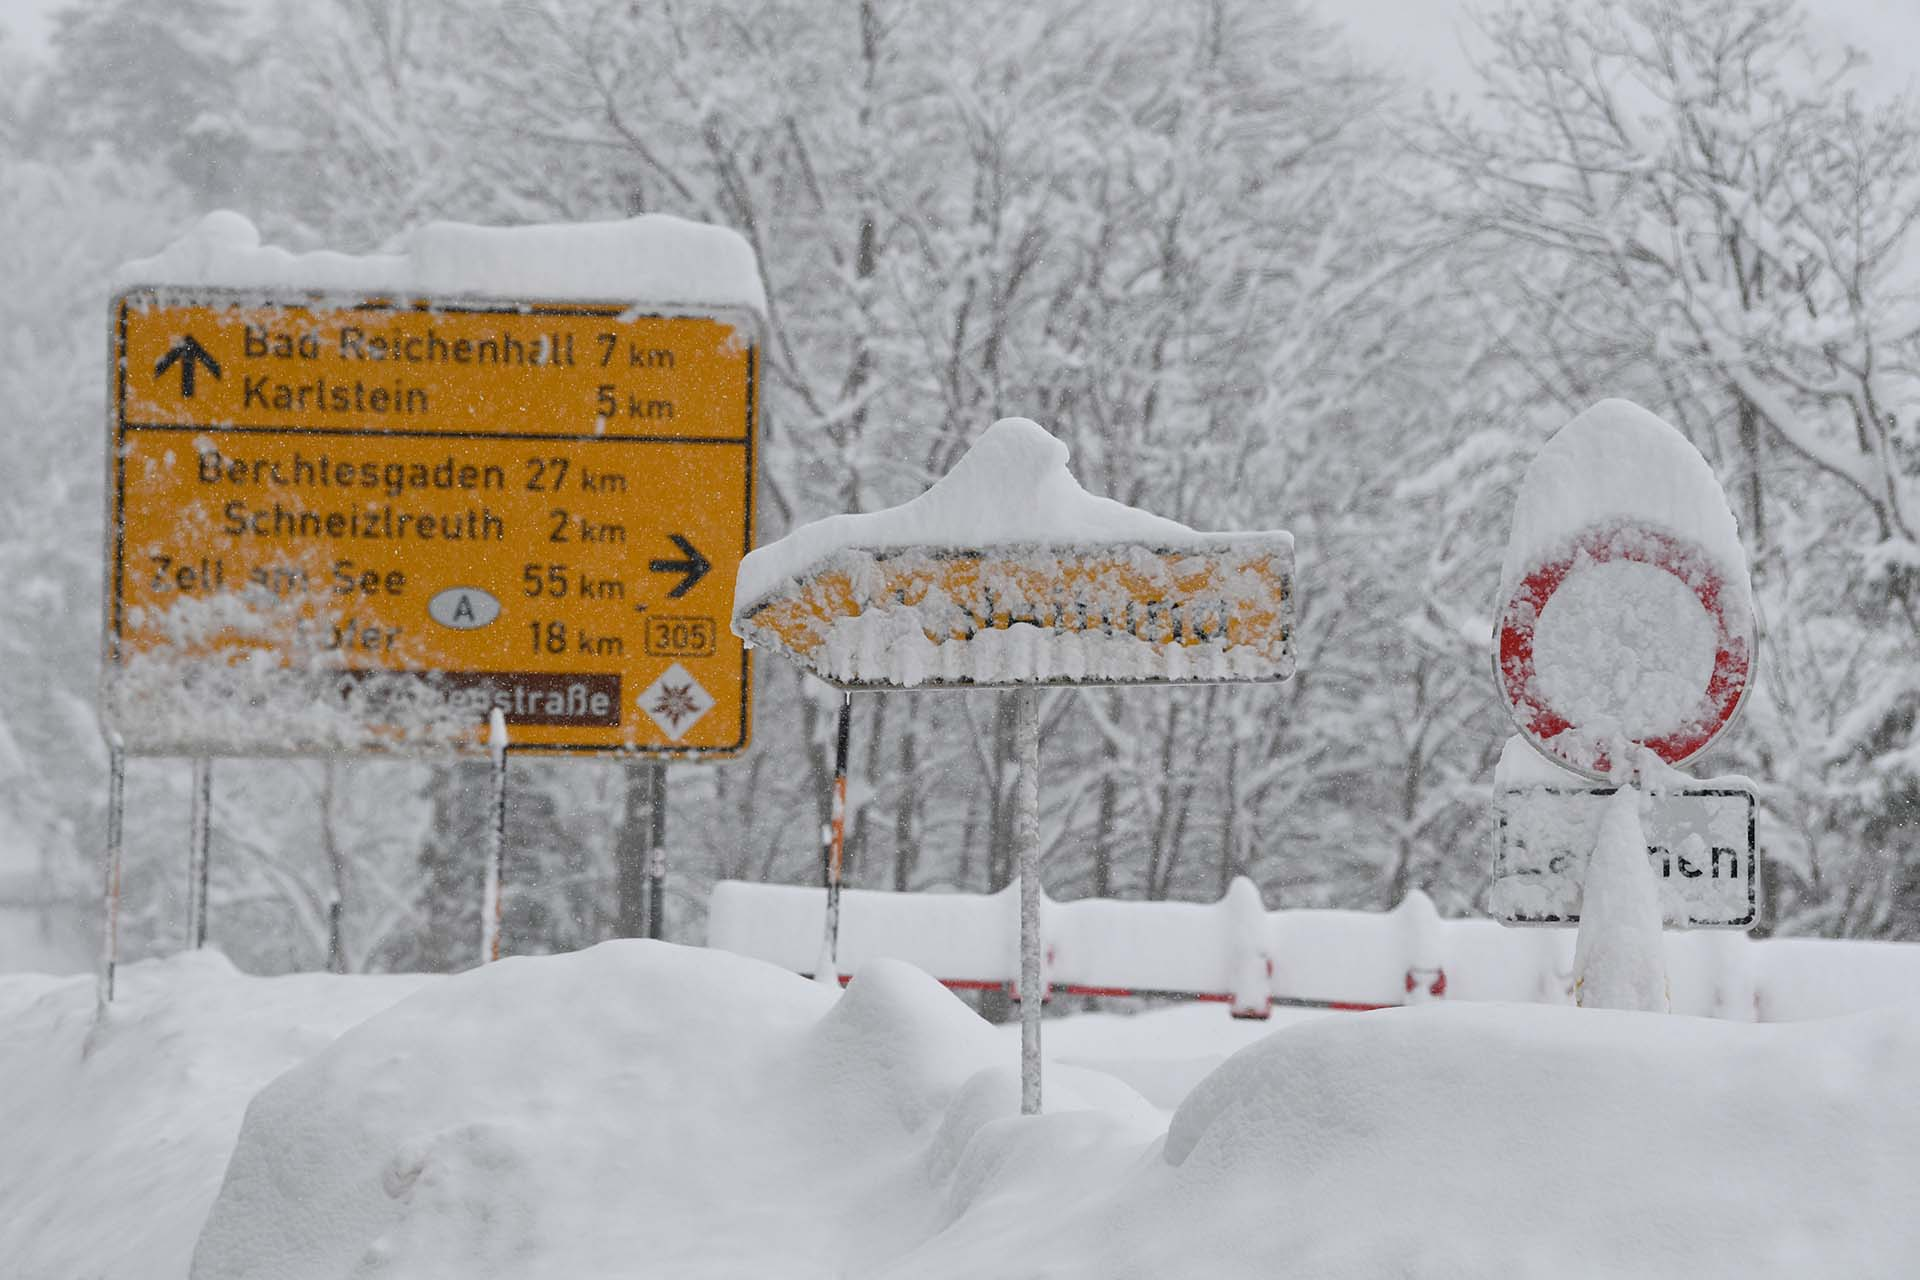 Una carretera cerrada debido a las avalanchas de nieve en Insel, Alemania (REUTERS/Andreas Gebert)